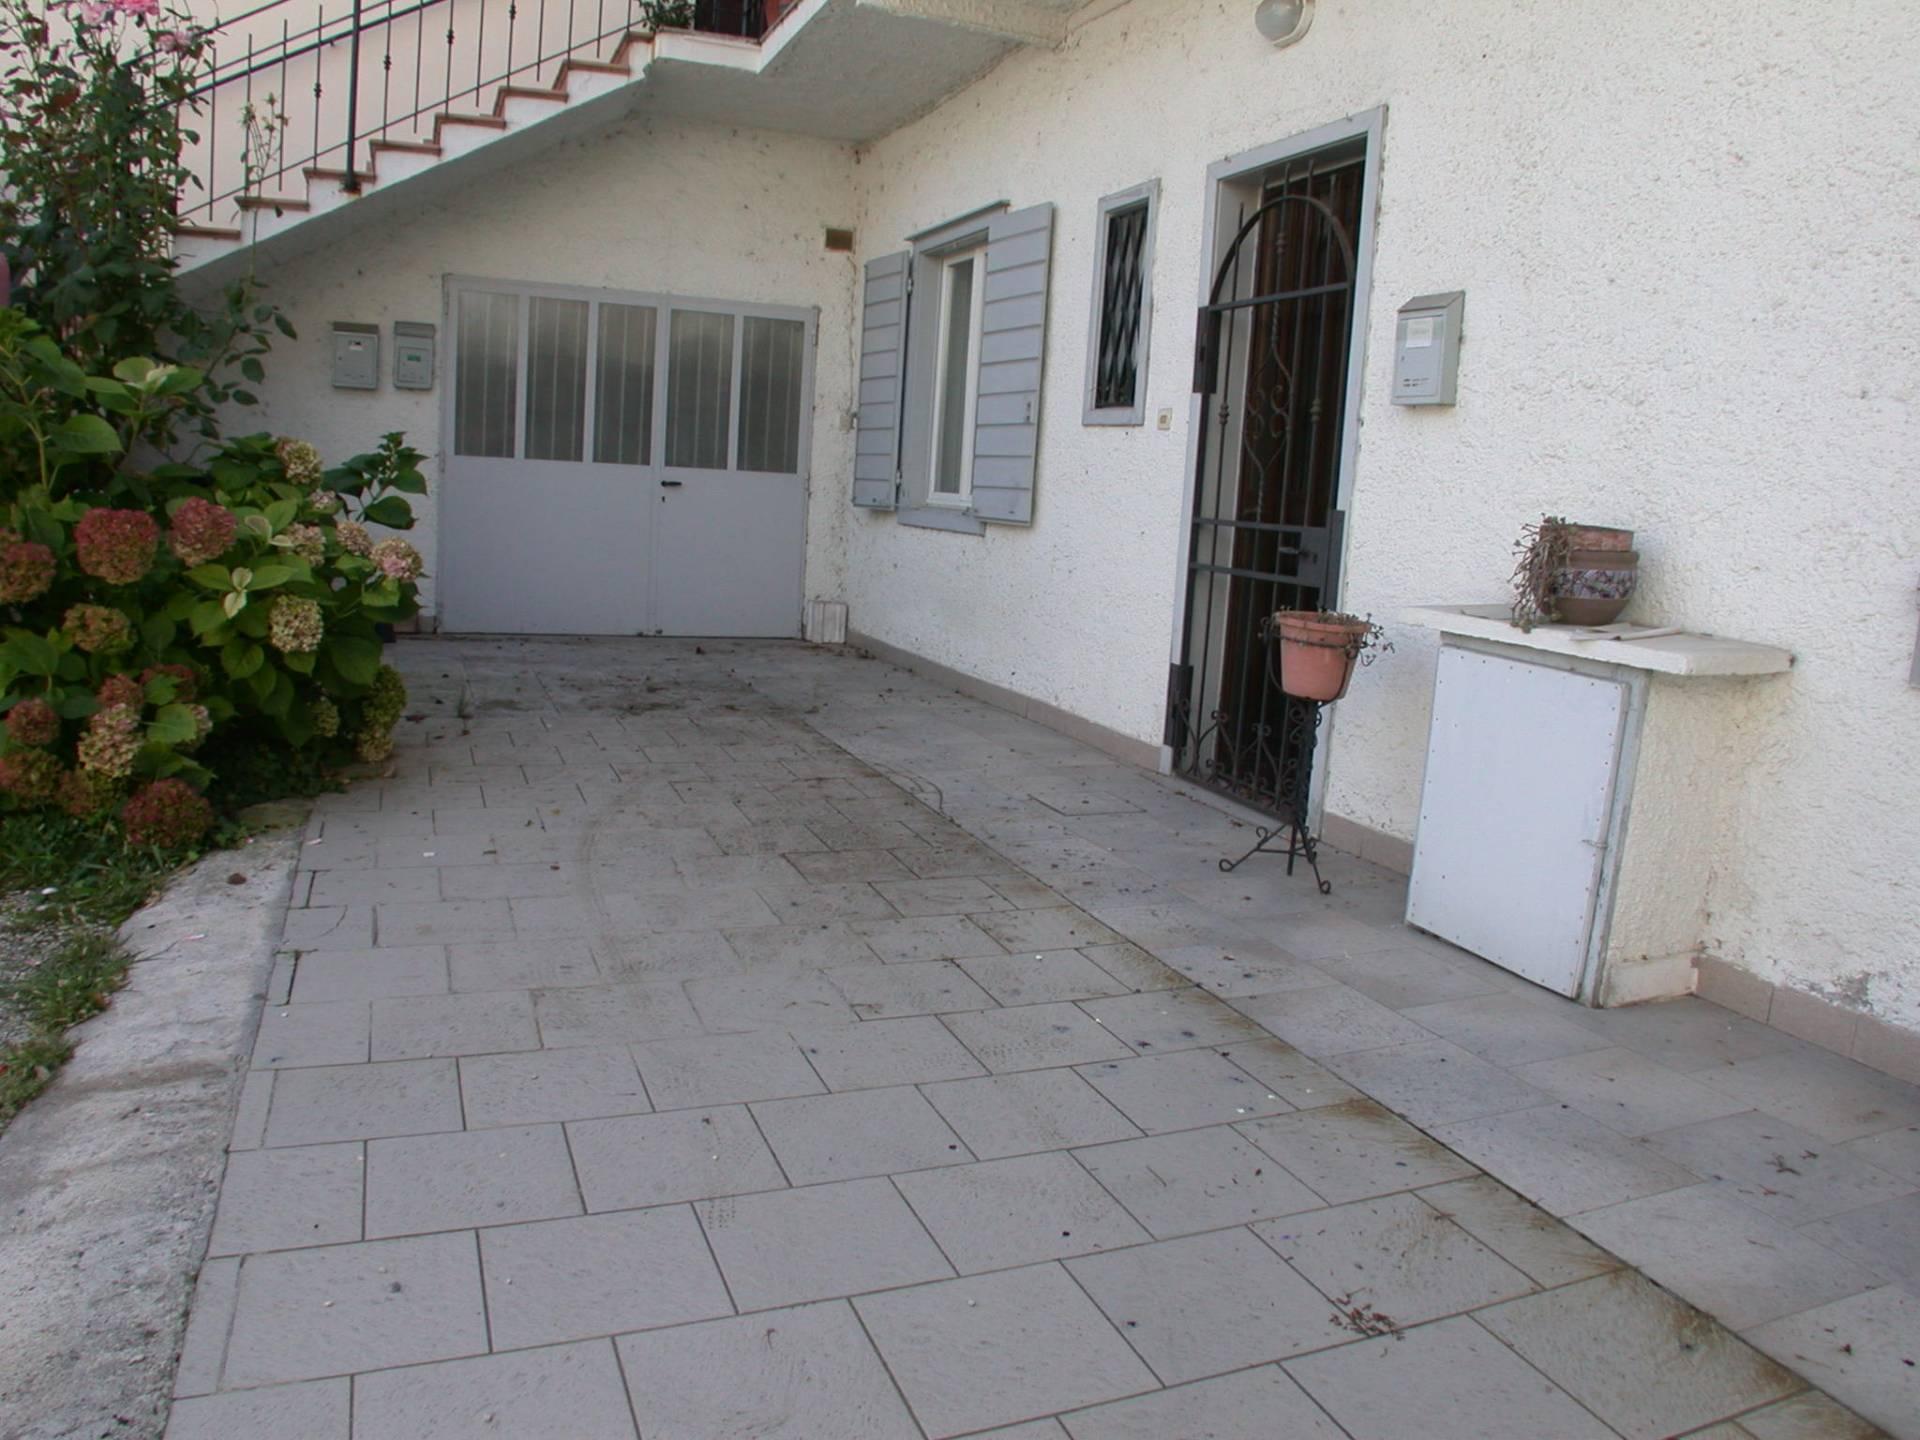 Appartamento in vendita a Gorizia, 8 locali, zona Zona: Lucinico, prezzo € 88.000 | CambioCasa.it